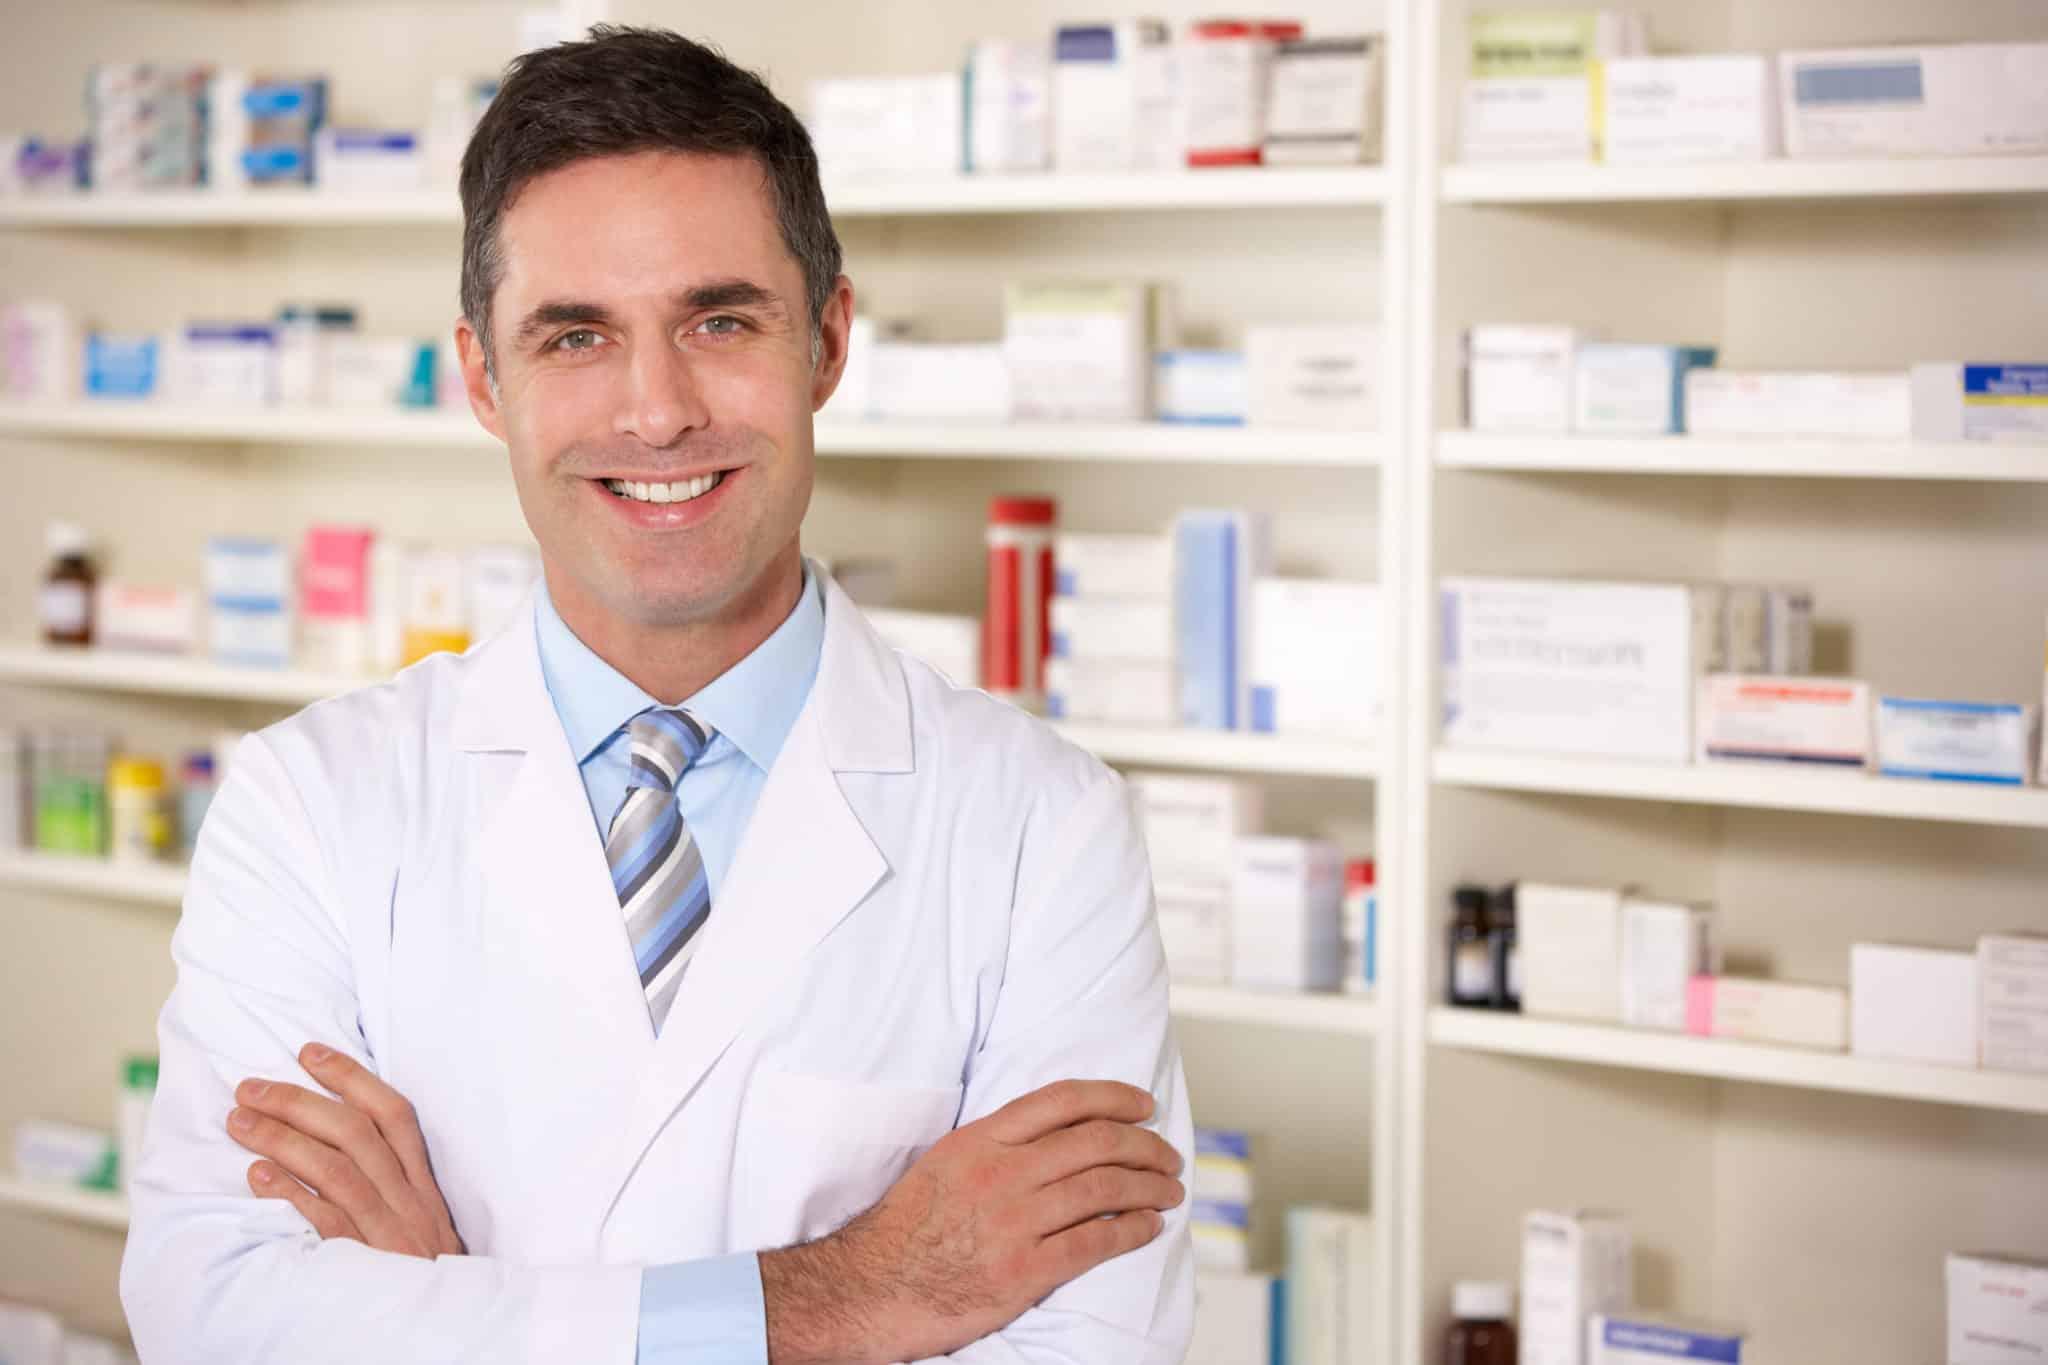 Генеричната индустрия пледира за разумно изразходване на средствата за лекарства